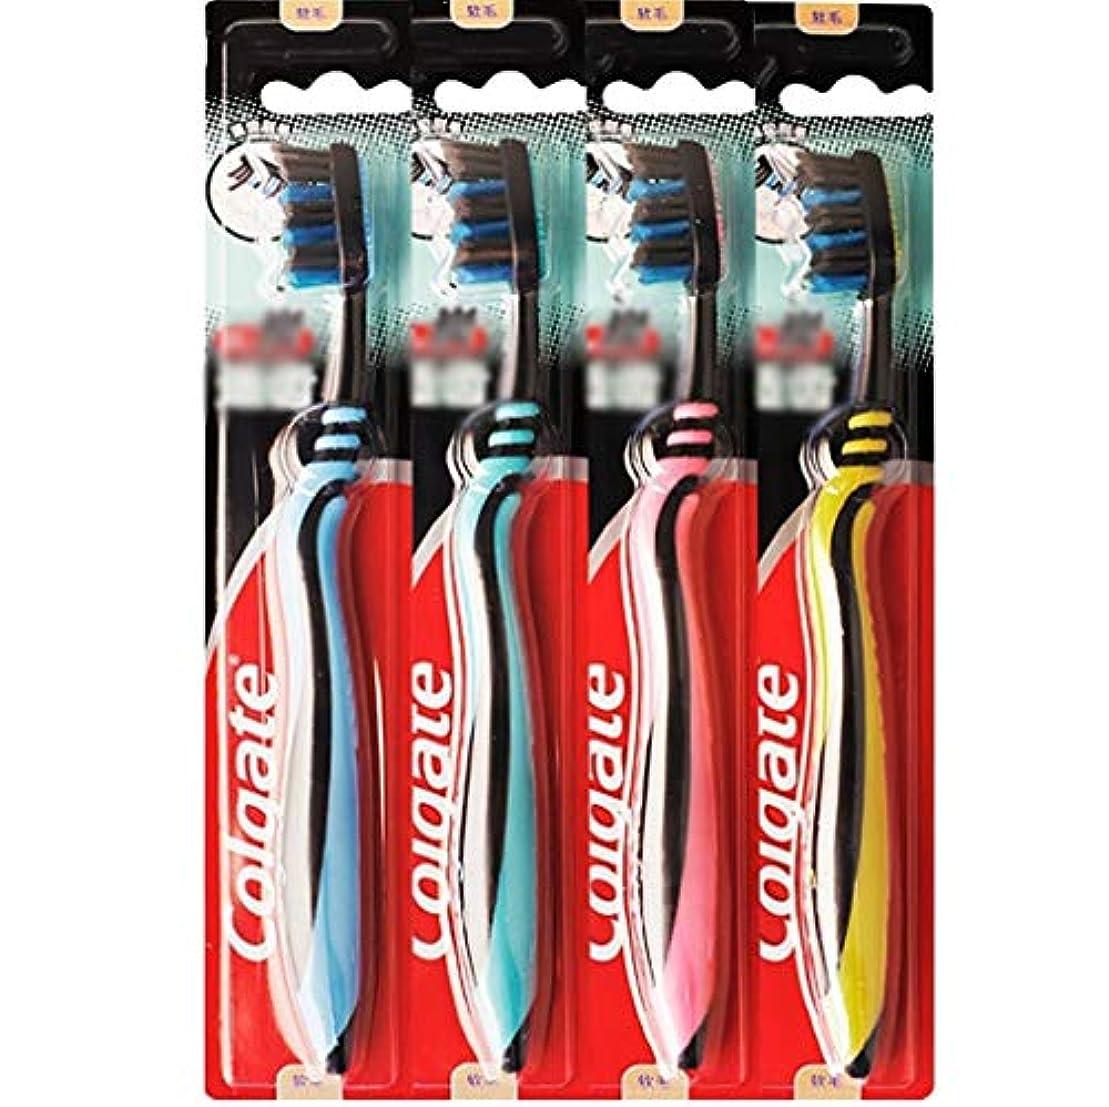 スクラブ明らか悪性歯ブラシ 歯の深いクリーニングに適した歯ブラシ、カーボンブラック柔らかい歯ブラシ、4本のスティック HL (色 : A)